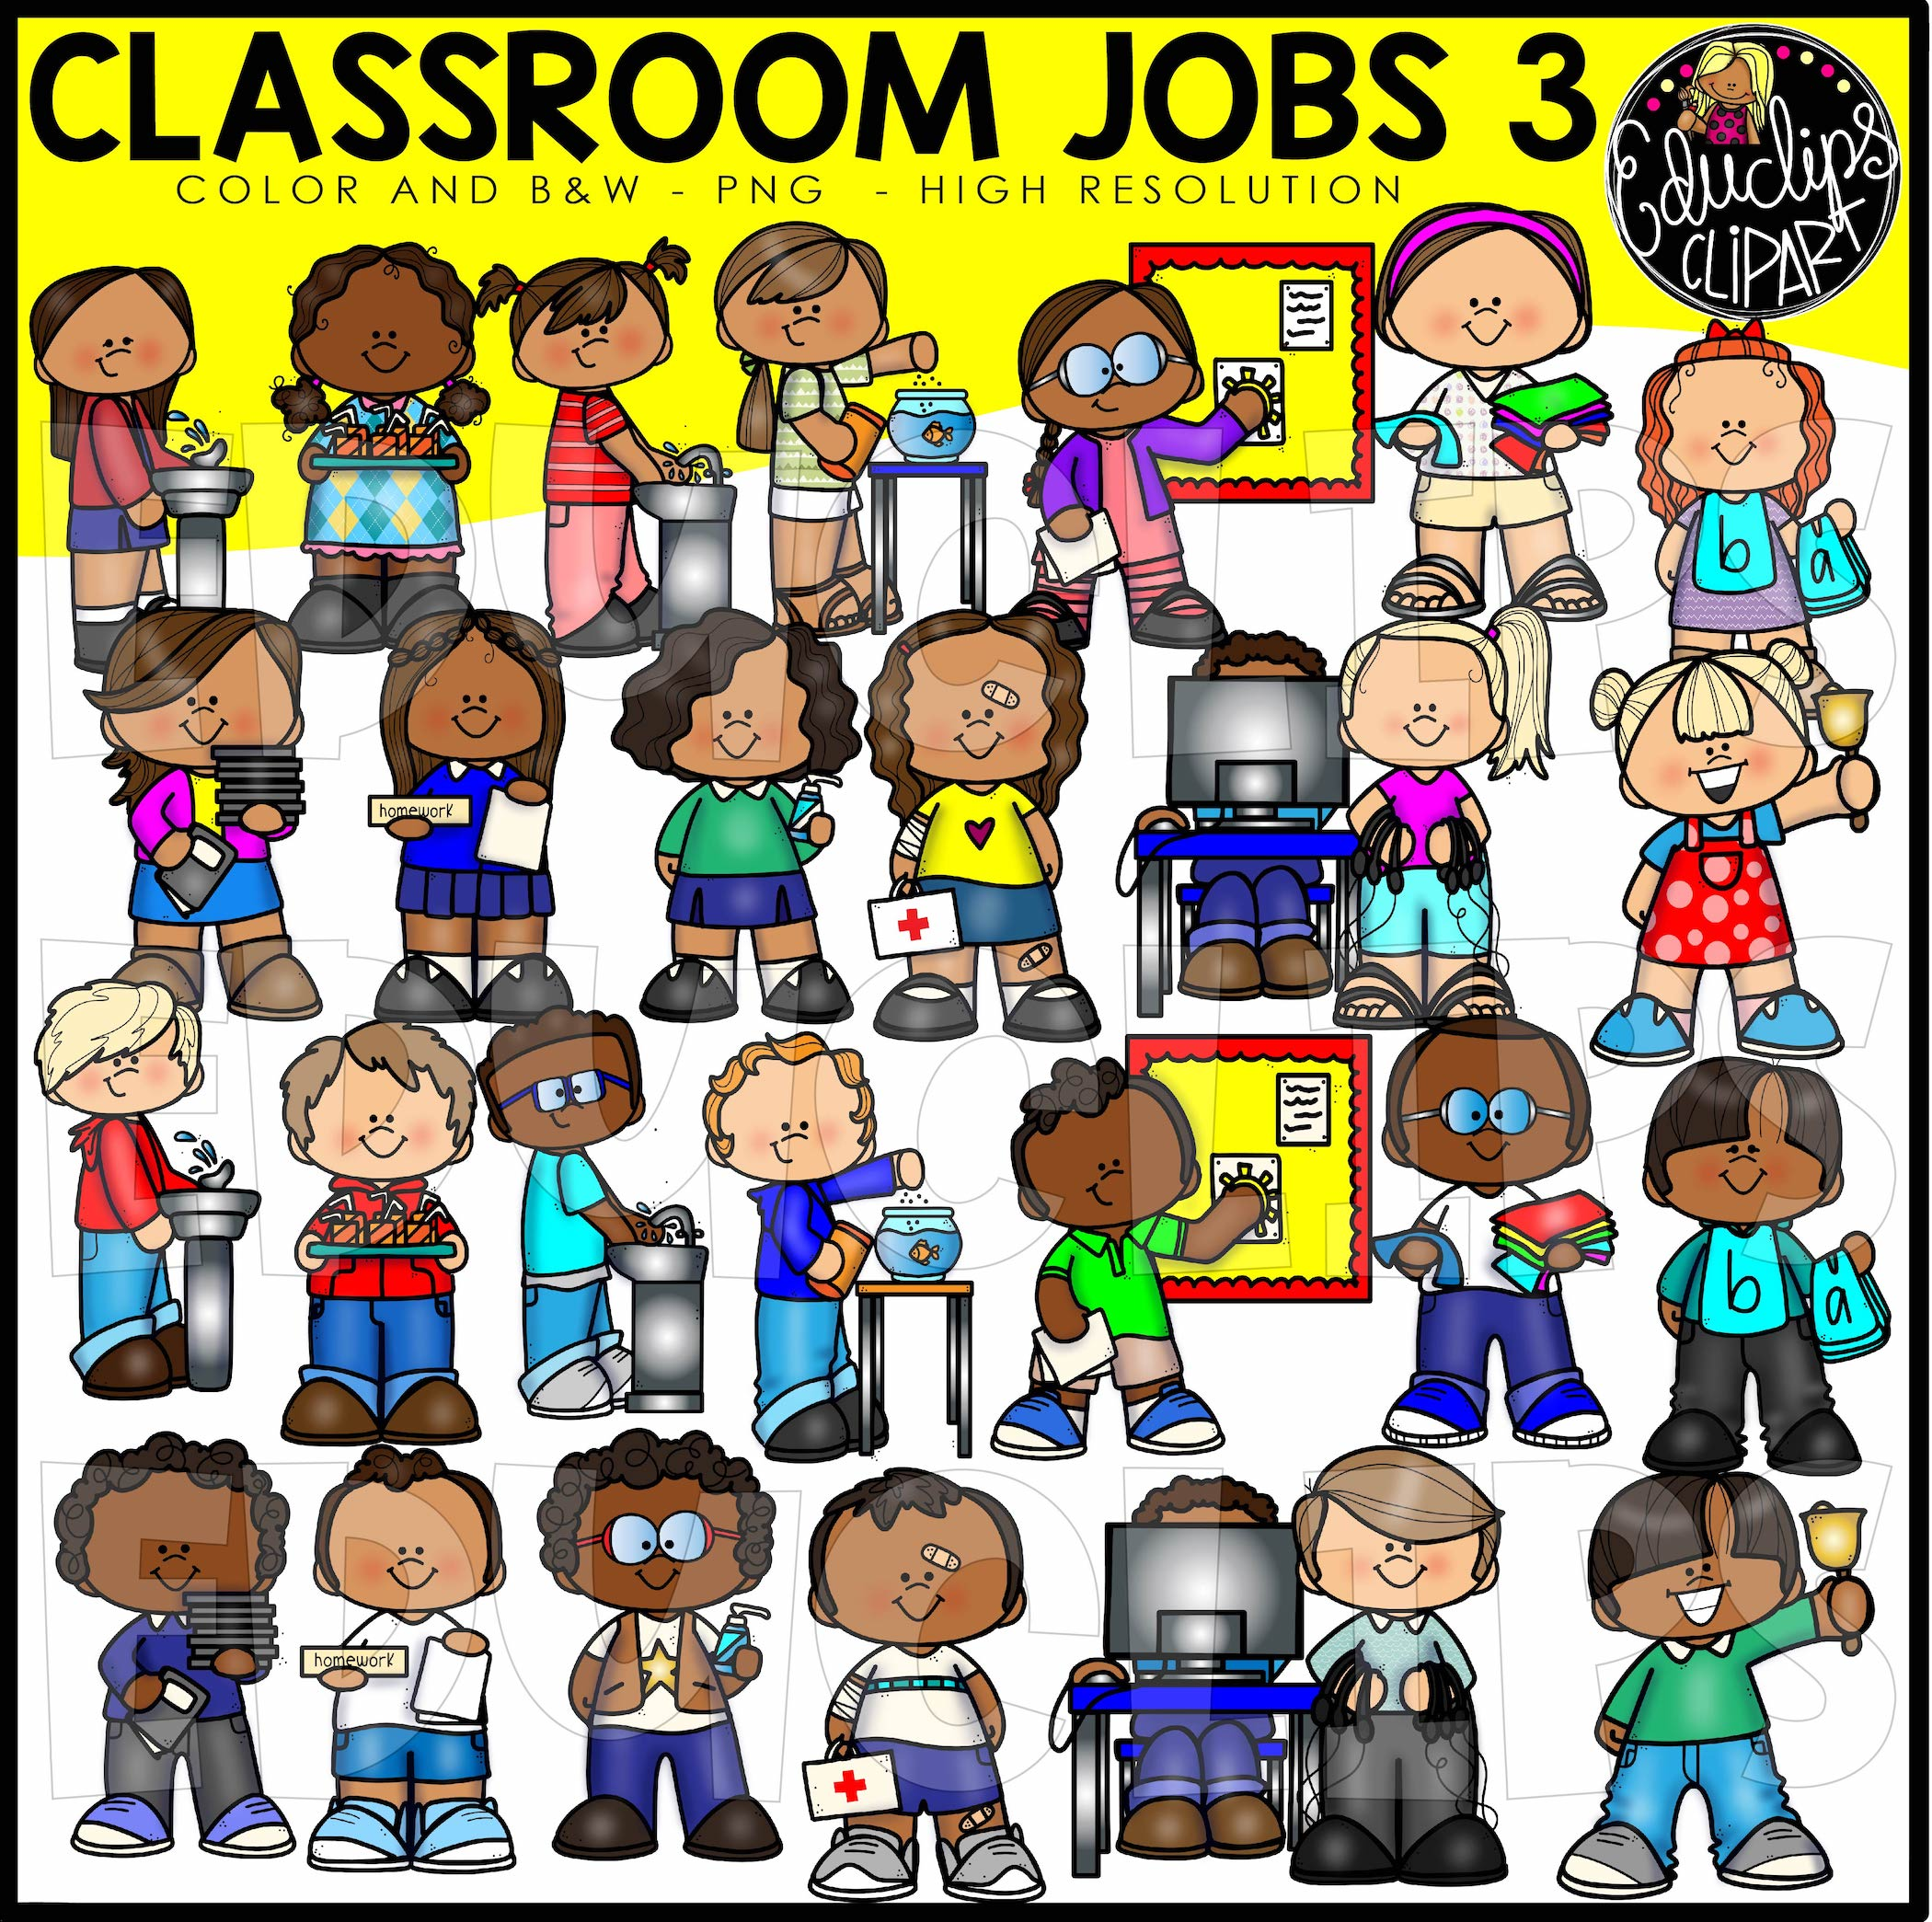 Classroom Jobs 3 Clip Art Bundle (Color and B&W).